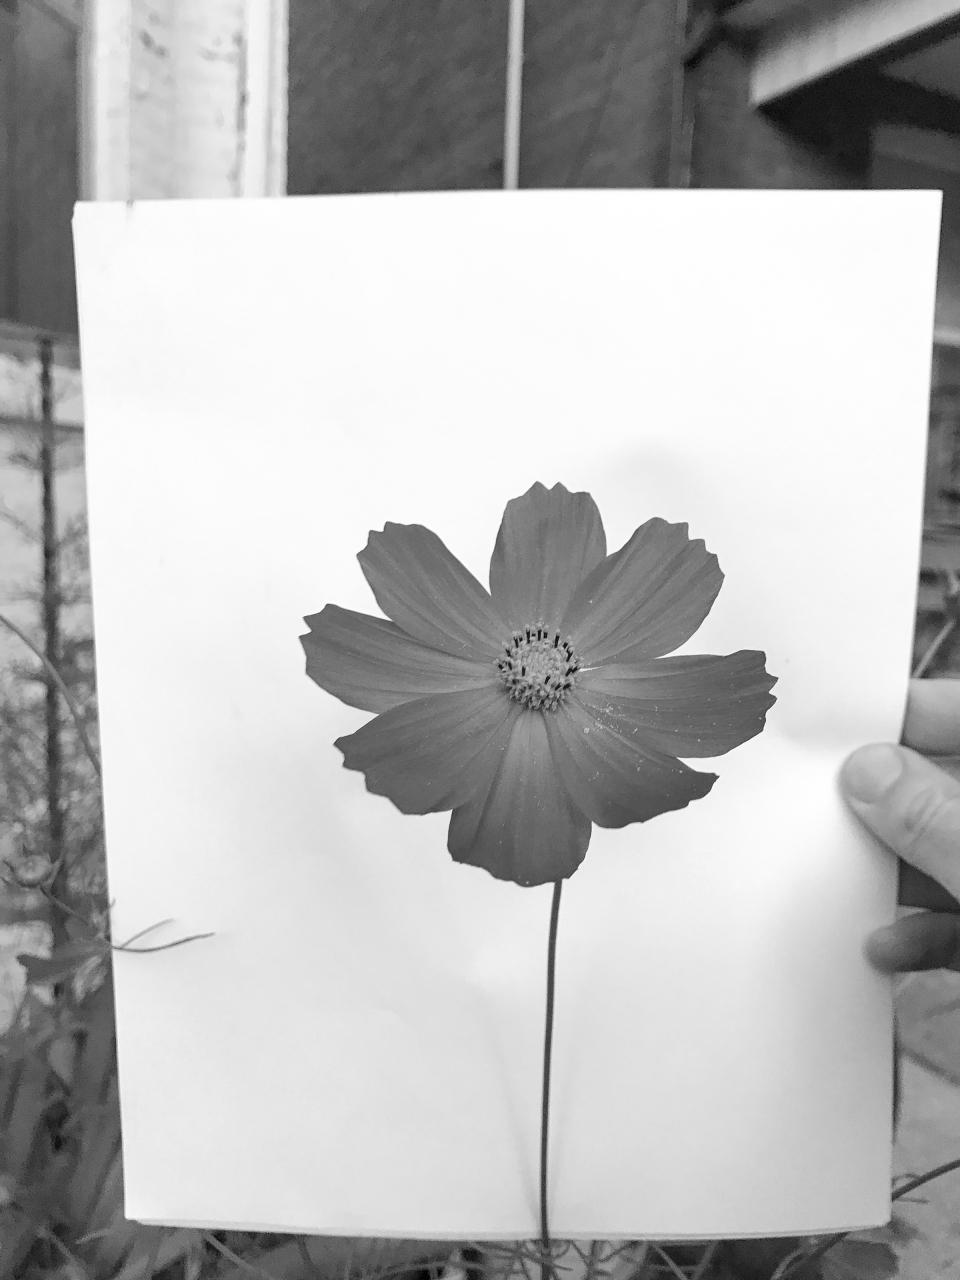 Jeff Harris, Flower Portrait 3, 2019